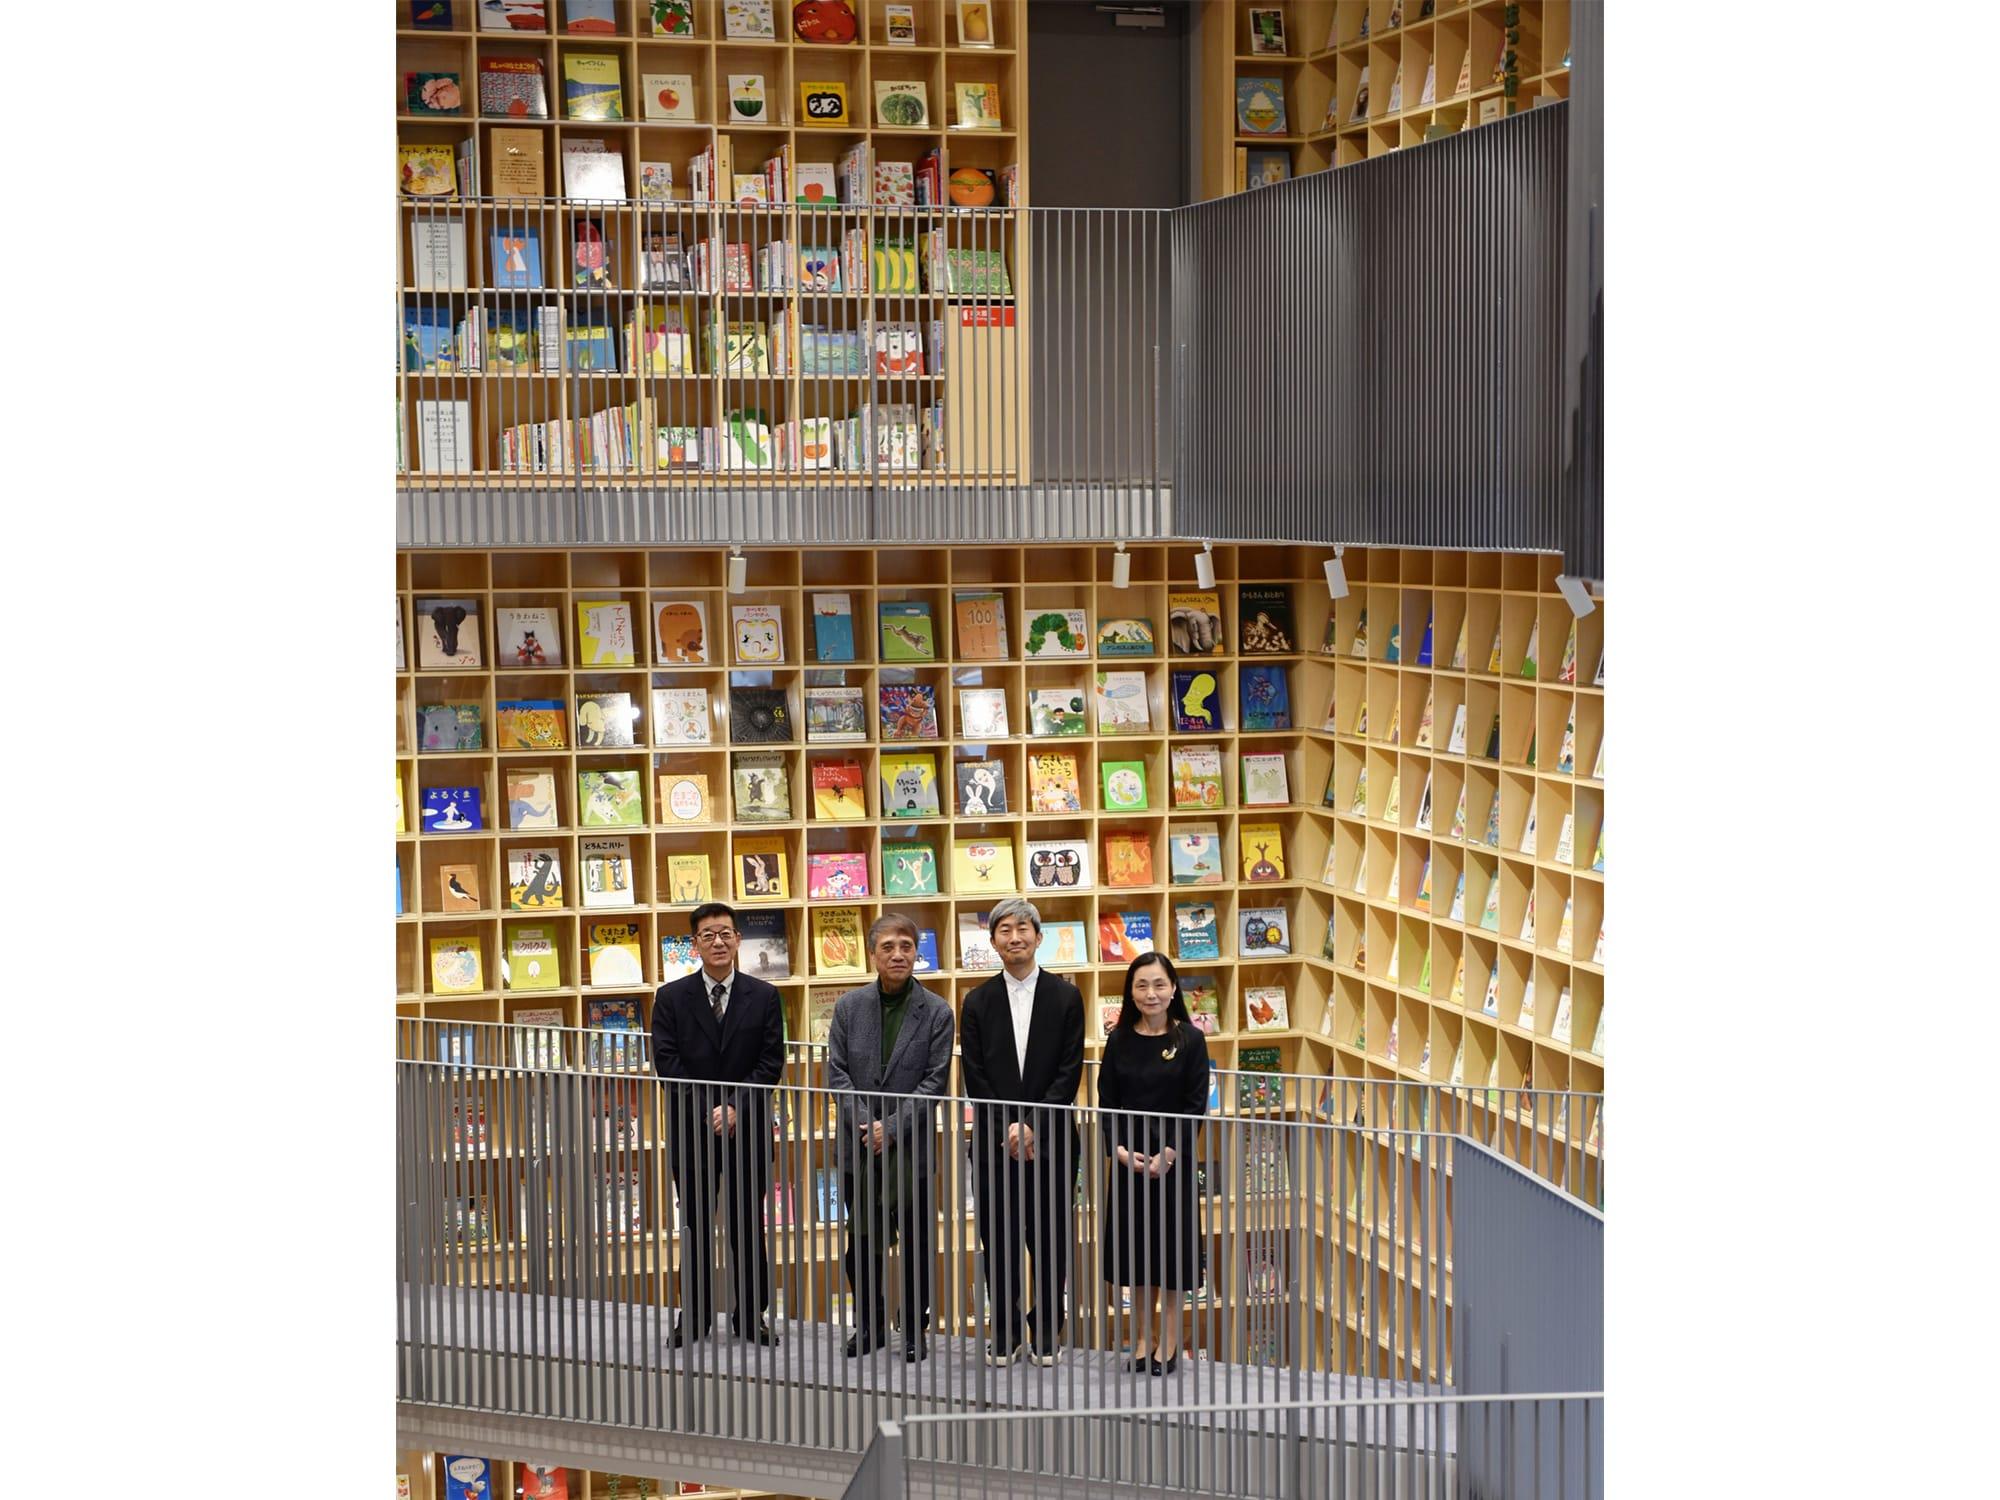 左から、大阪市松井一郎市長、建築家・安藤忠雄、ブックディレクター・幅允孝、こども本の森 中之島こども本の森 中之島前川千陽館長。